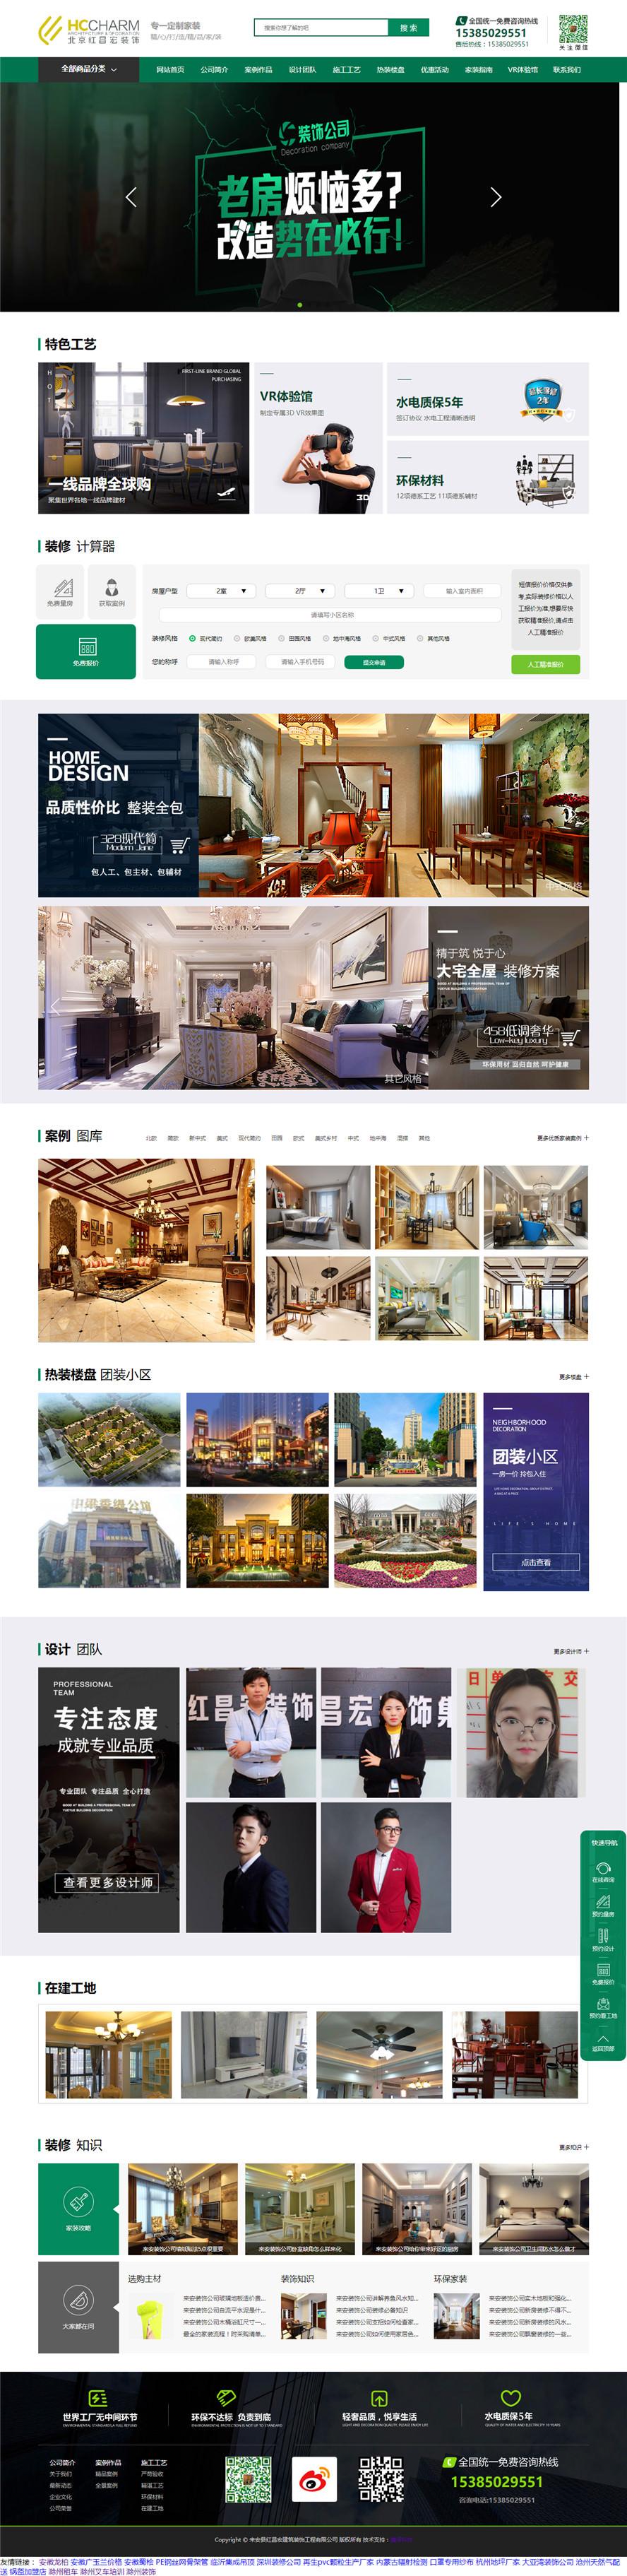 来安装饰公司_来安县红昌宏建筑装饰工程有限公司.jpg